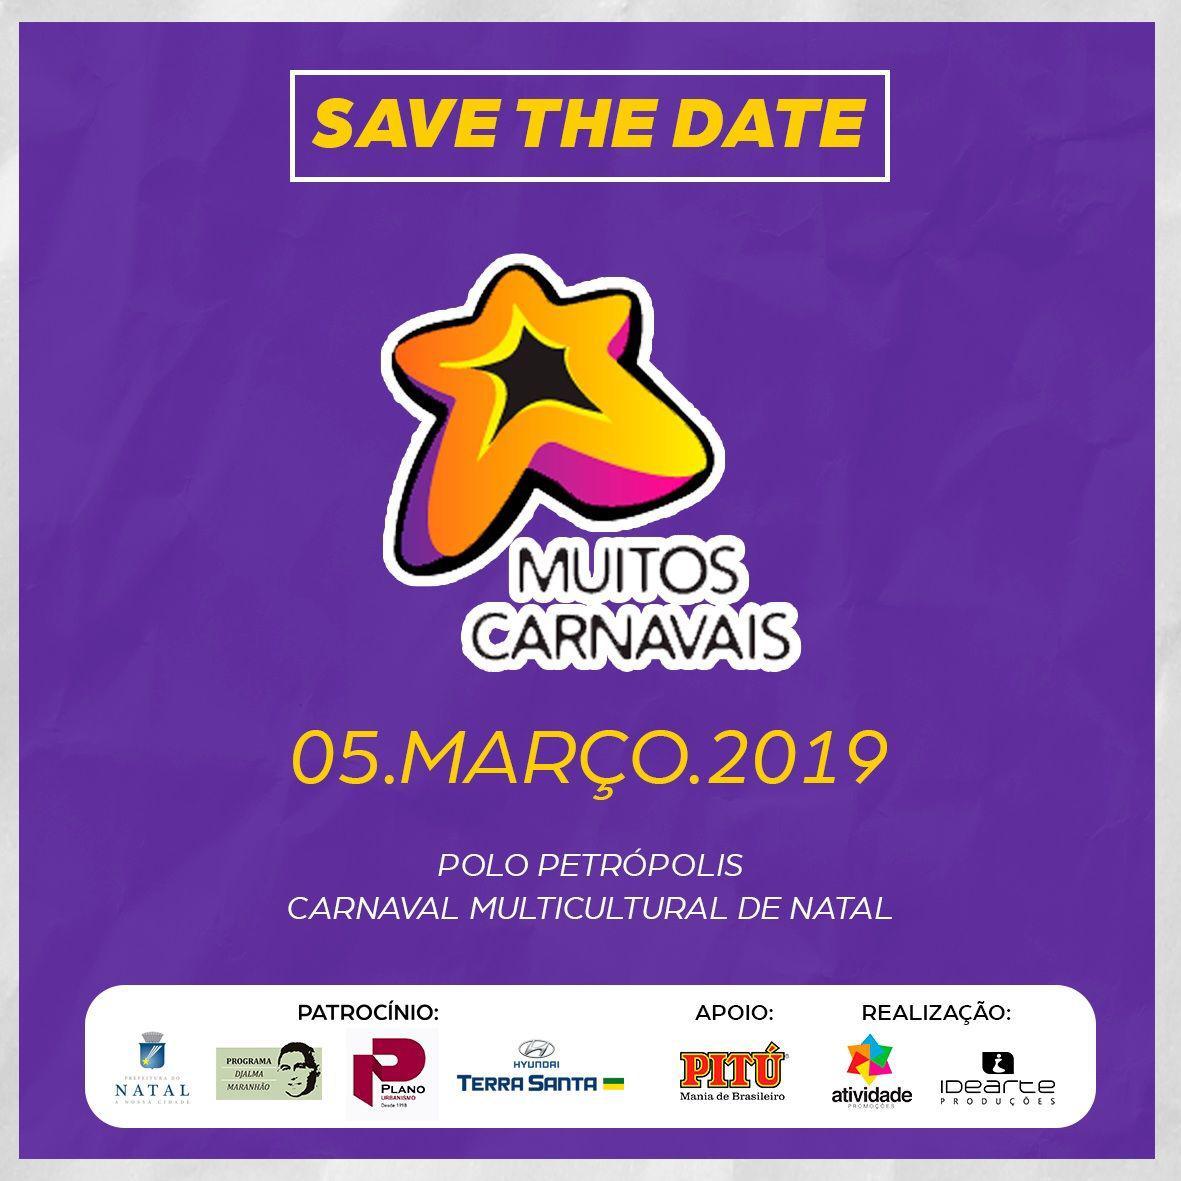 MUITOS CARNAVAIS - 05/03